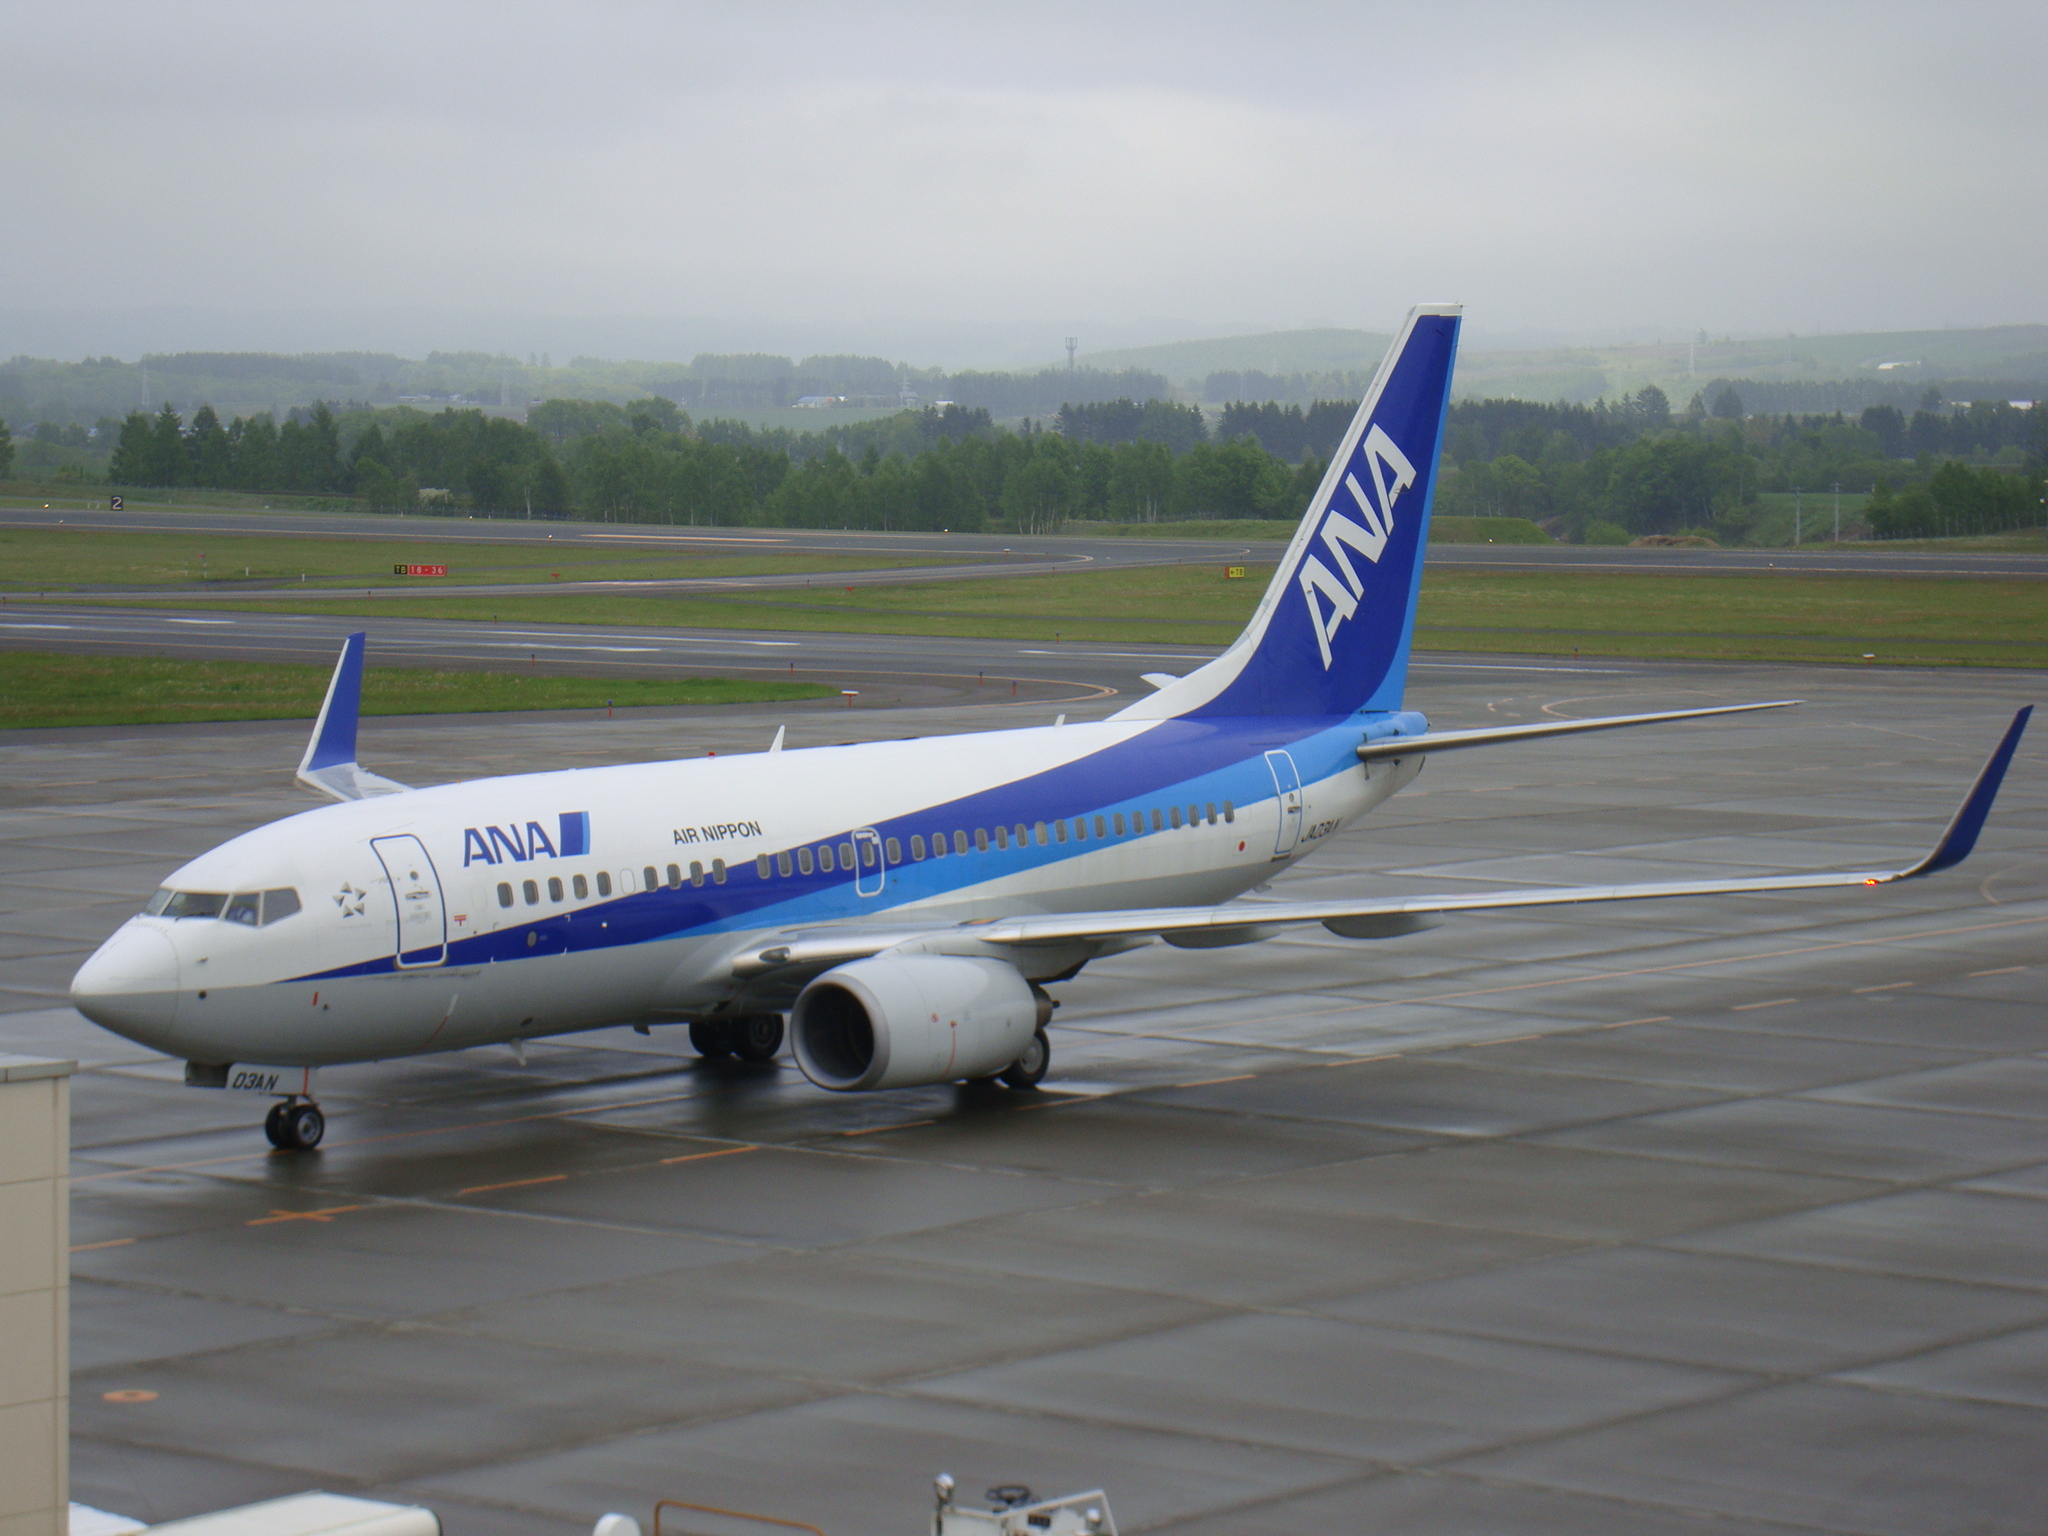 مسؤول تنفيذي في مجال الطيران يطالب شركة بوينج بتغيير اسم شركة 737 MAX